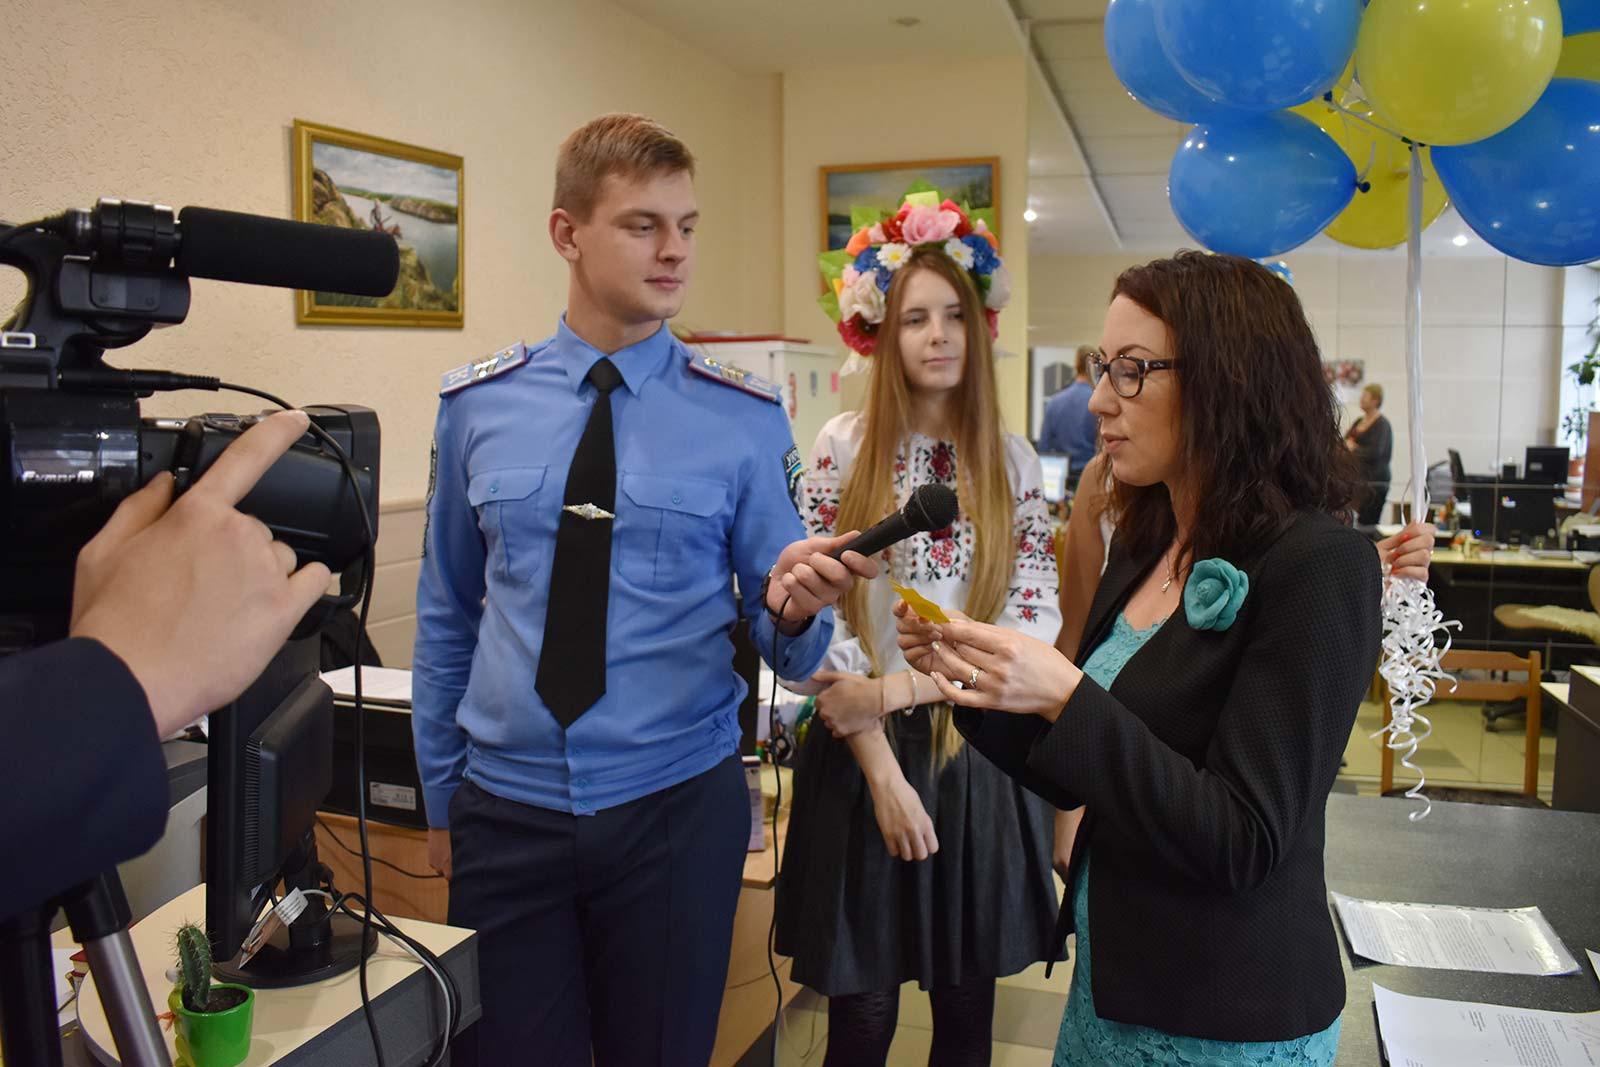 Керівники структурних підрозділів, співробітники, курсанти та студенти ДДУВС зачитували рядки української поезії.